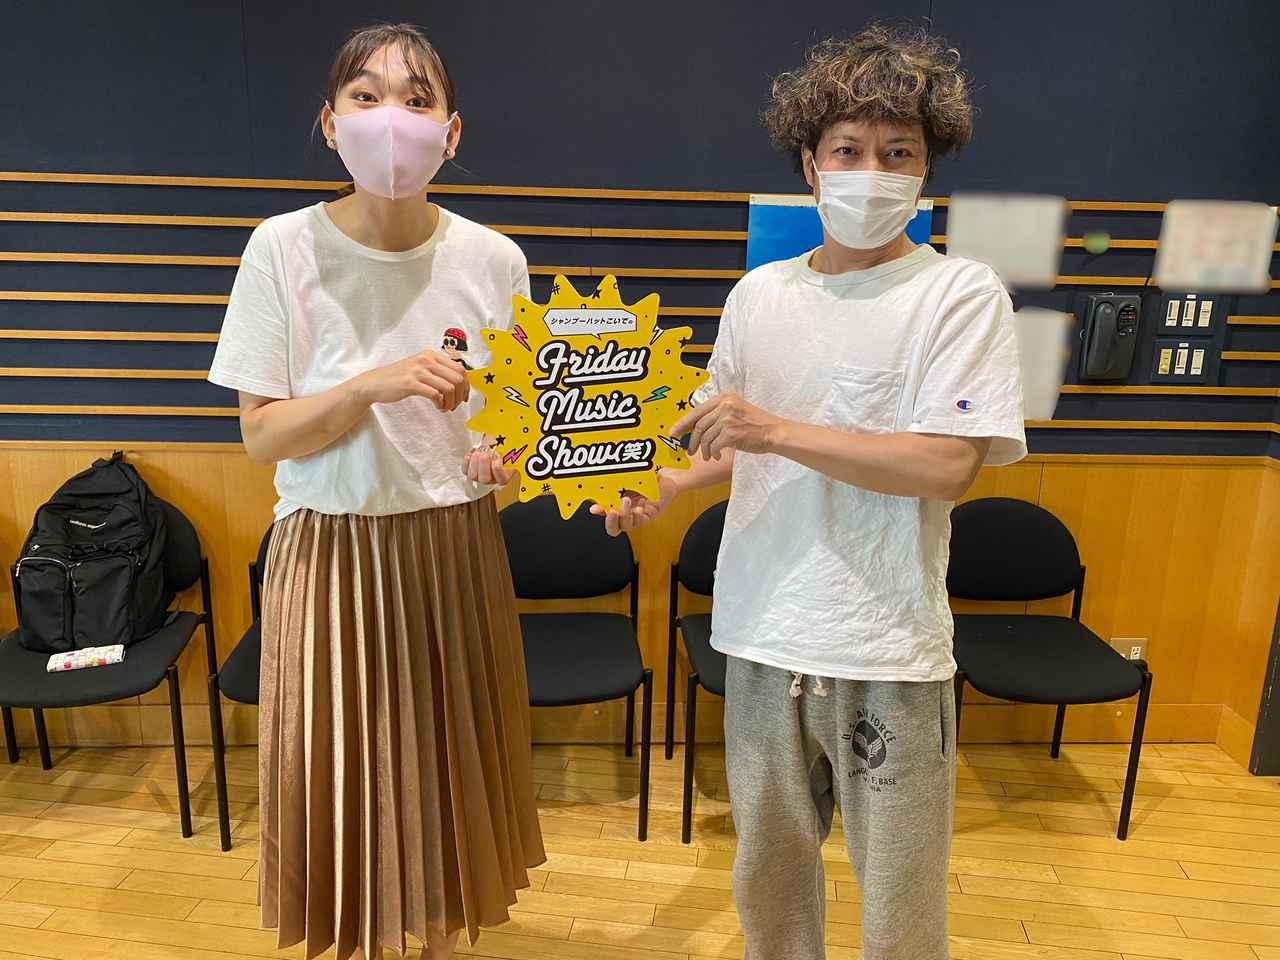 画像: 7月23日(金)シャンプーハットこいでのFriday Music Show(笑)